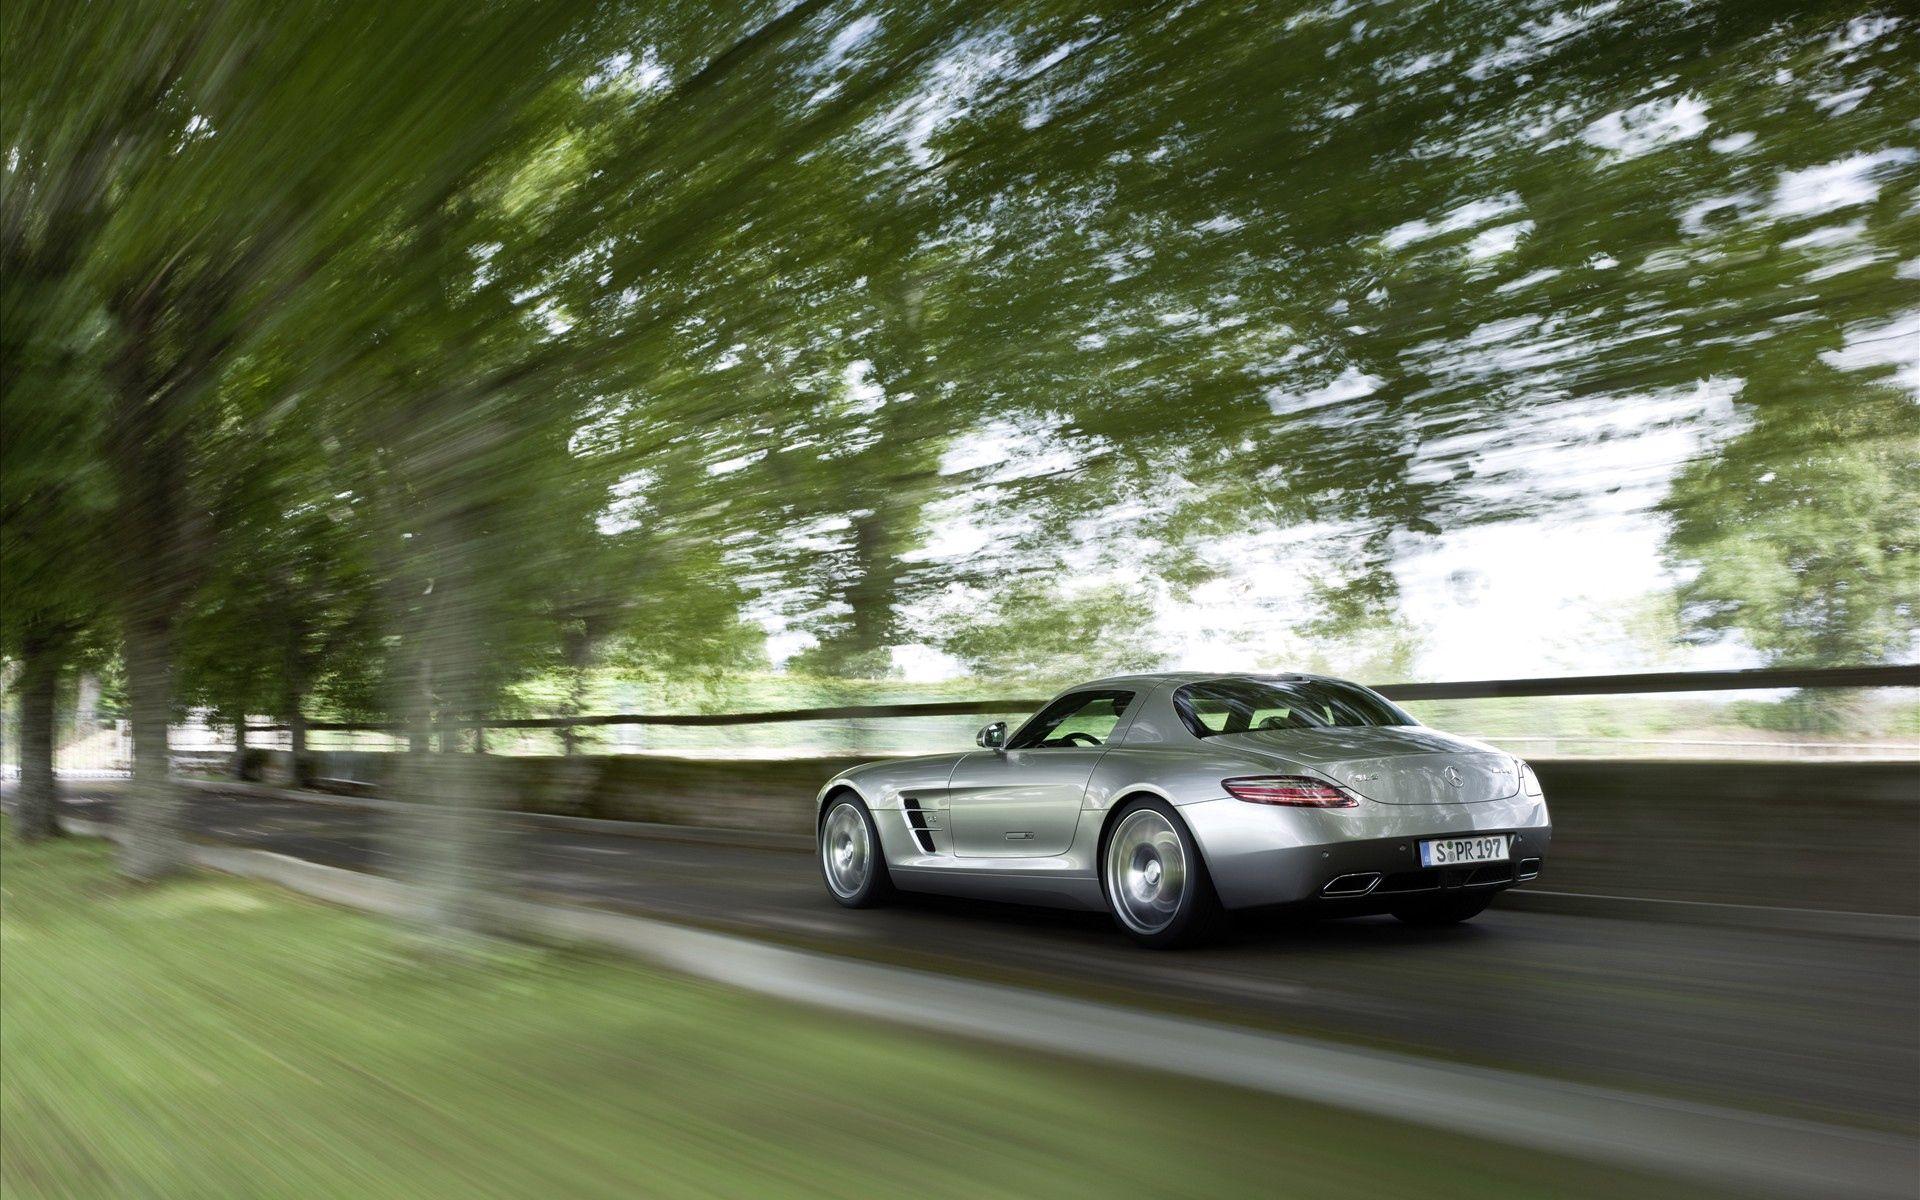 87240 скачать обои Мерседес (Mercedes), Тачки (Cars), Скорость, Amg, Mercedes, Размытый, Sls, Ускорение - заставки и картинки бесплатно